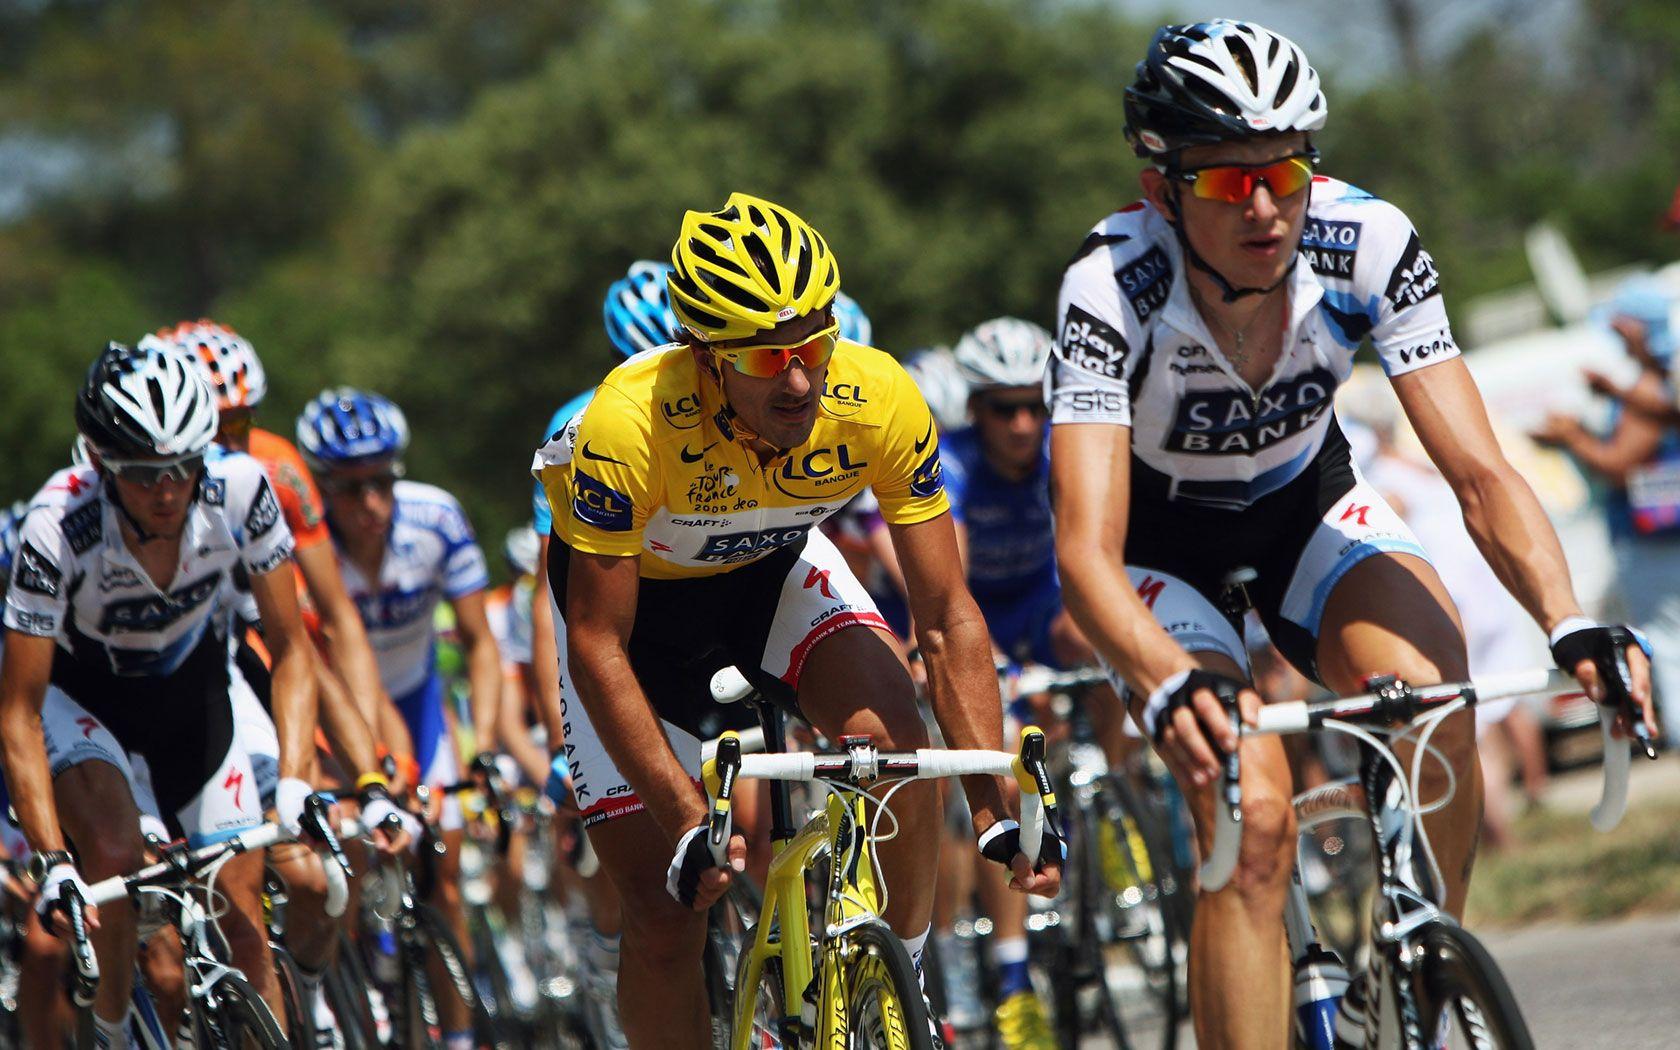 走进环法赛:环法自行车比赛现场图片分享 图2